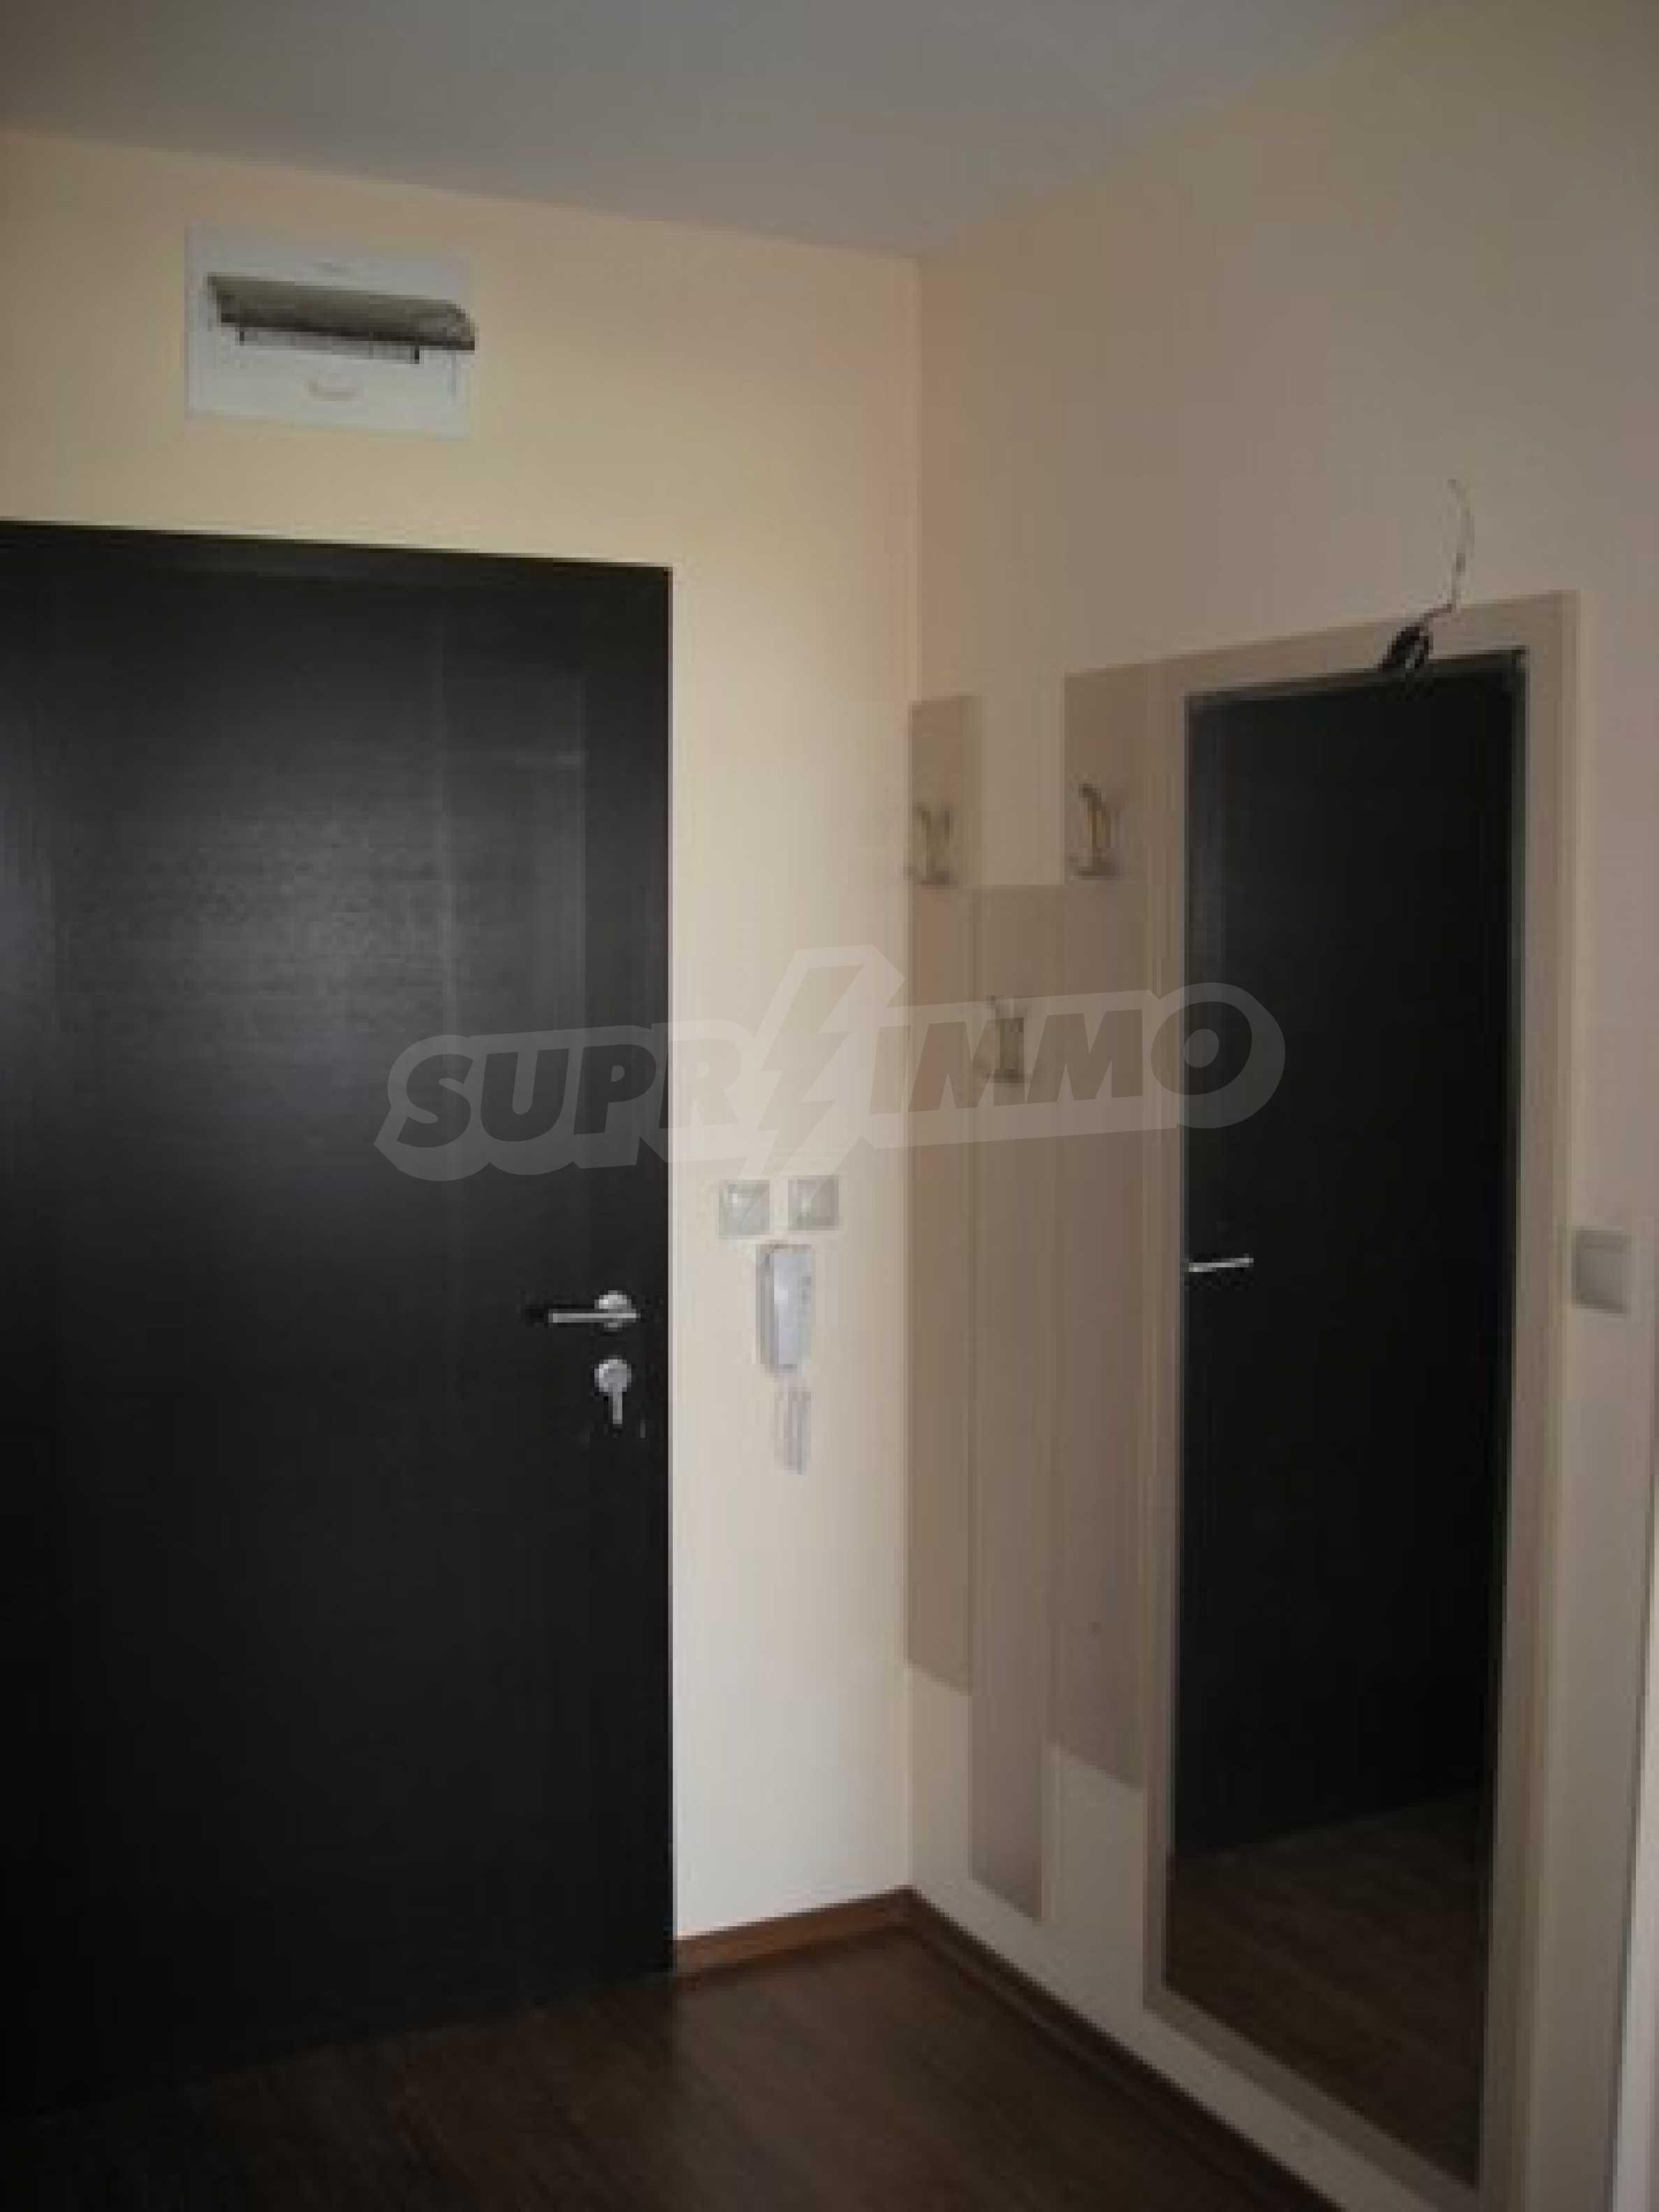 Апартамент Сирена 2 20